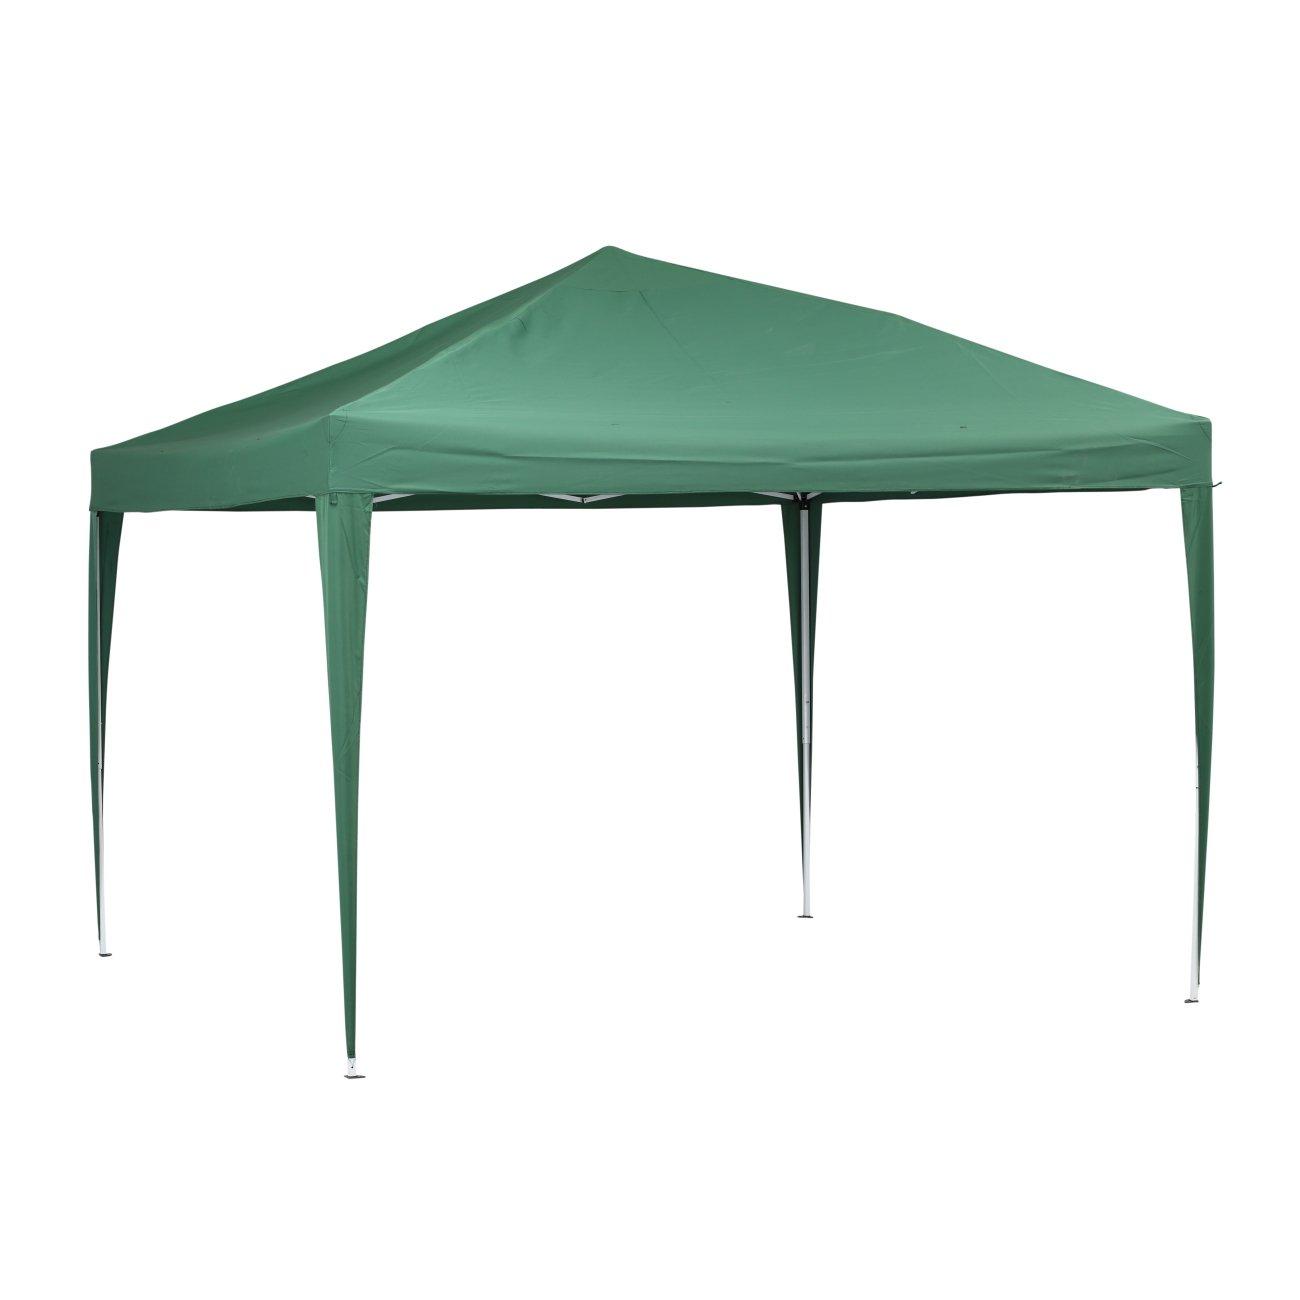 Grün gardern 10 x 10 Füße Pop-Up Canopy Zelt W/Carring Case Outdoor ...